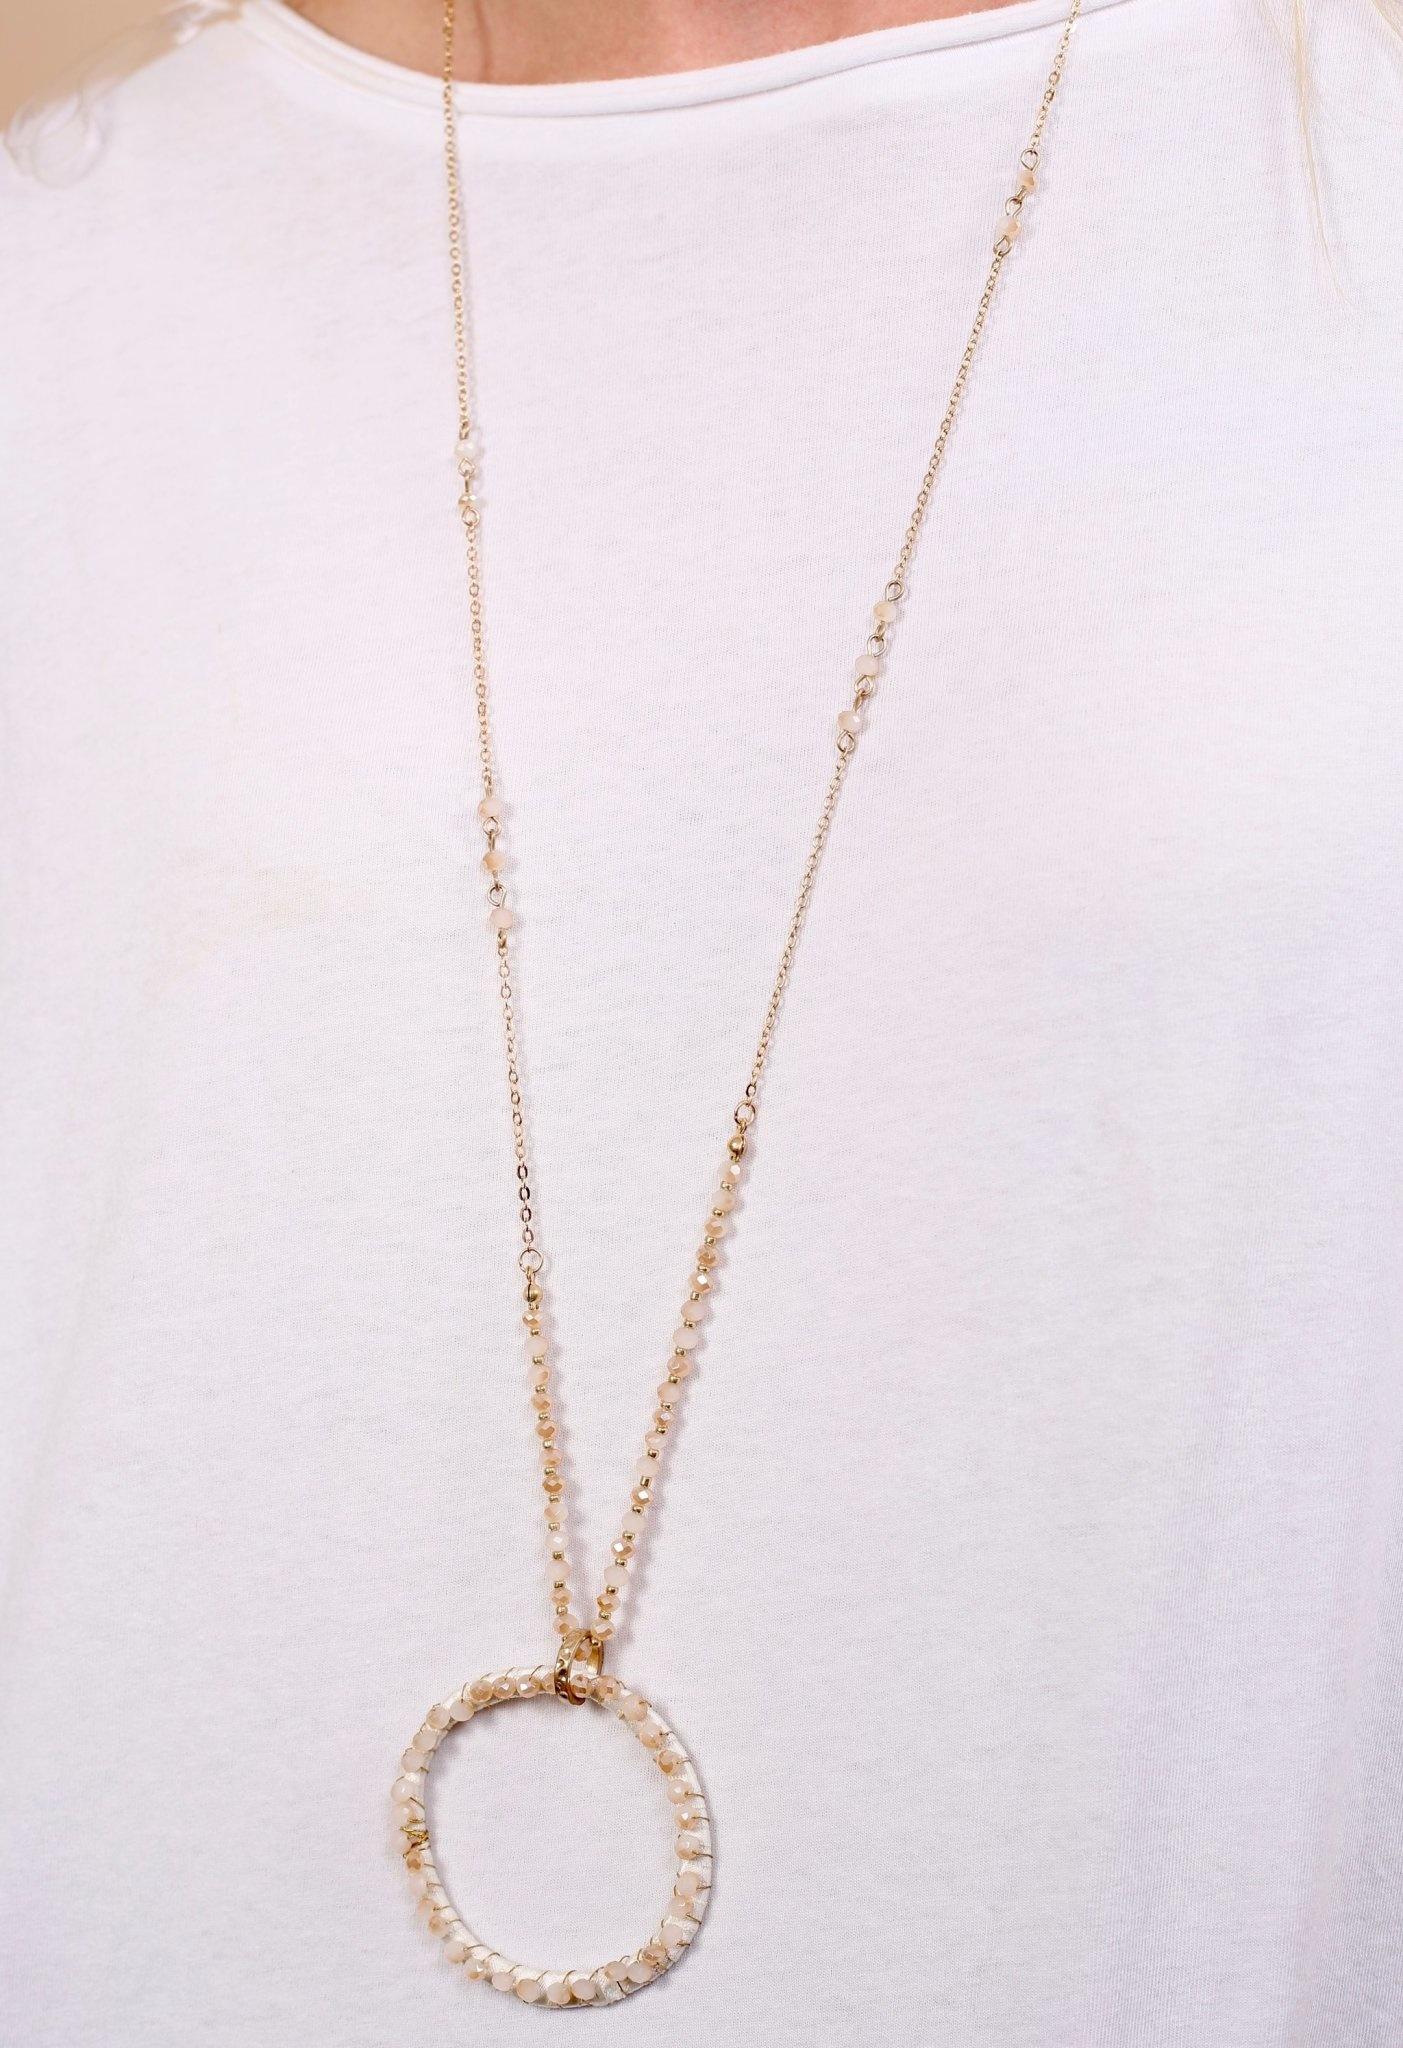 Caroline Hill Gravity delicate necklace